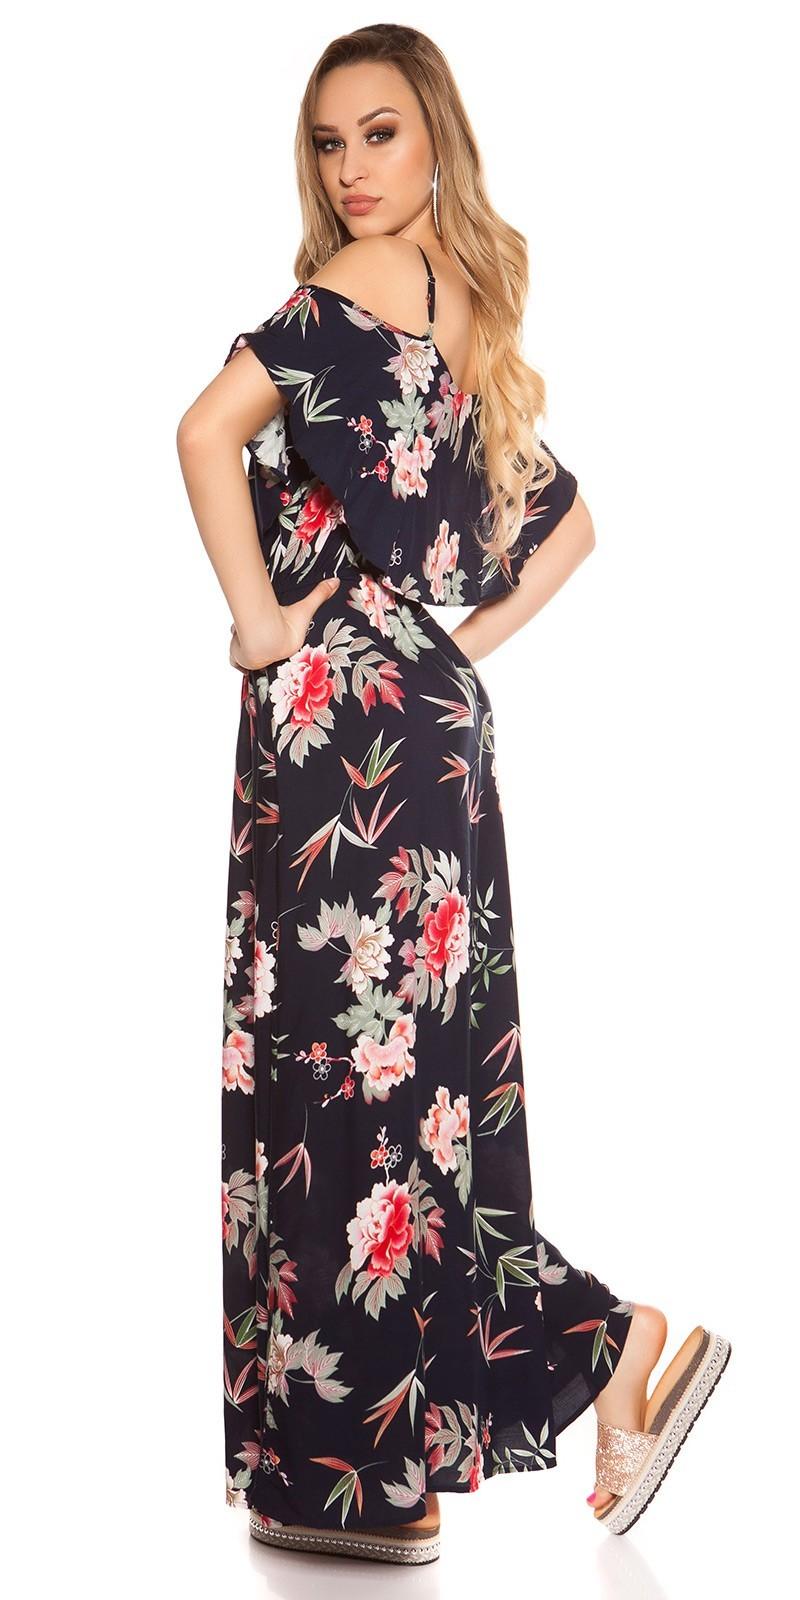 bce3d874d46e Letné šaty – Sissy Boutique